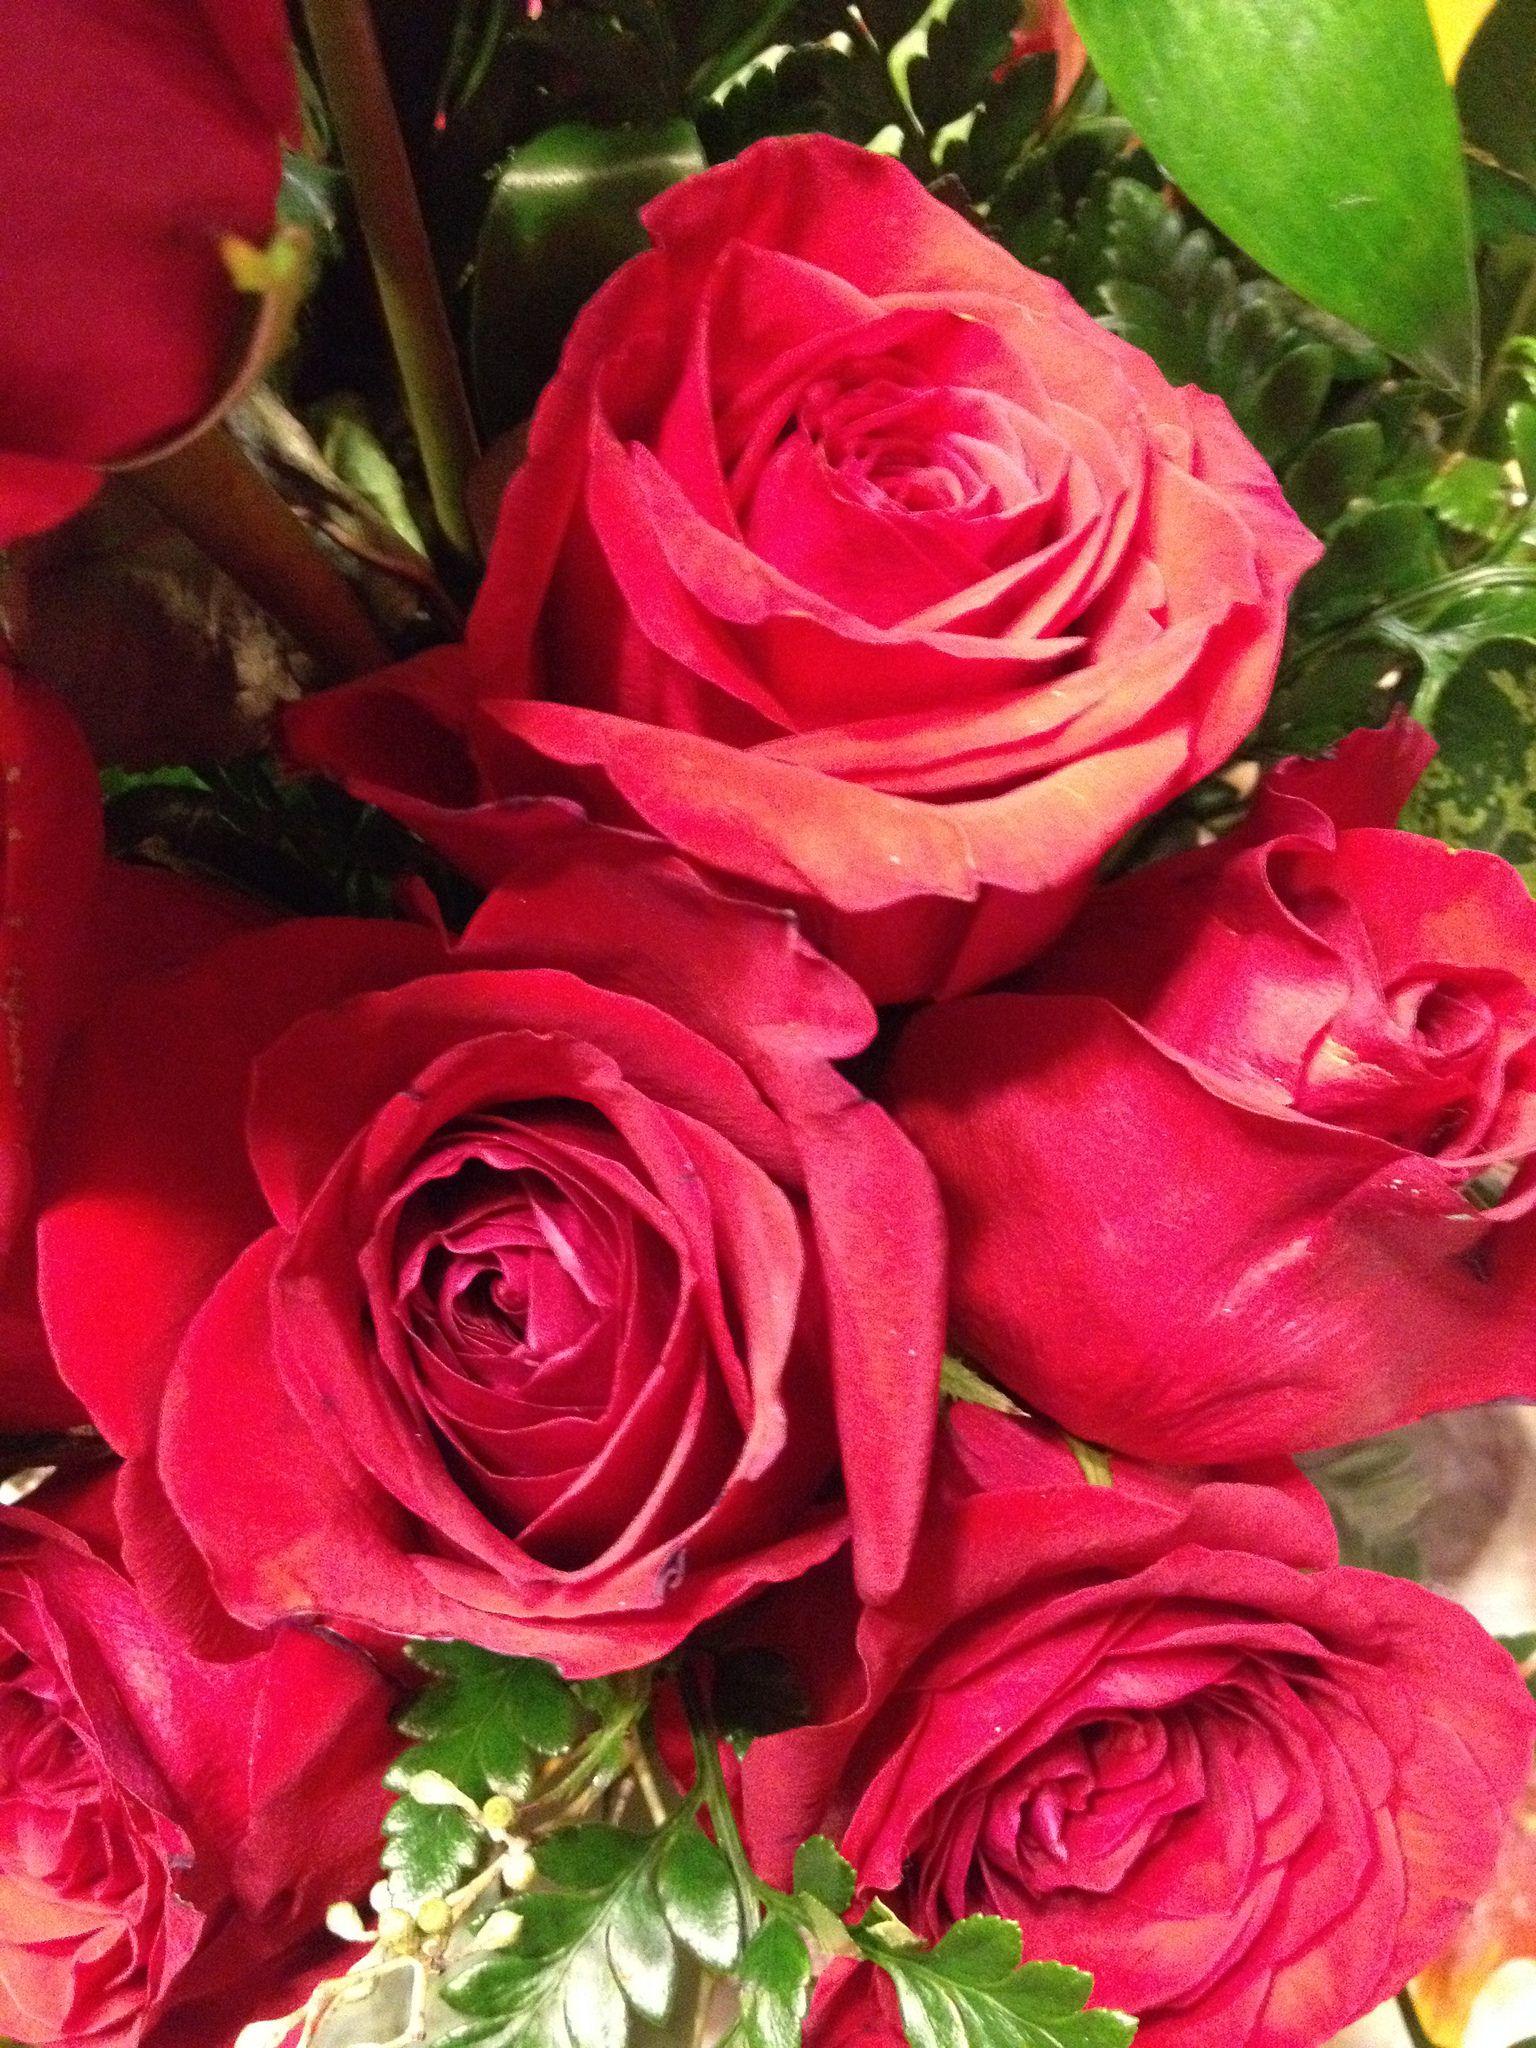 https://flic.kr/p/EeHzip | Valentine Roses [4] | Valentine's Day 2016